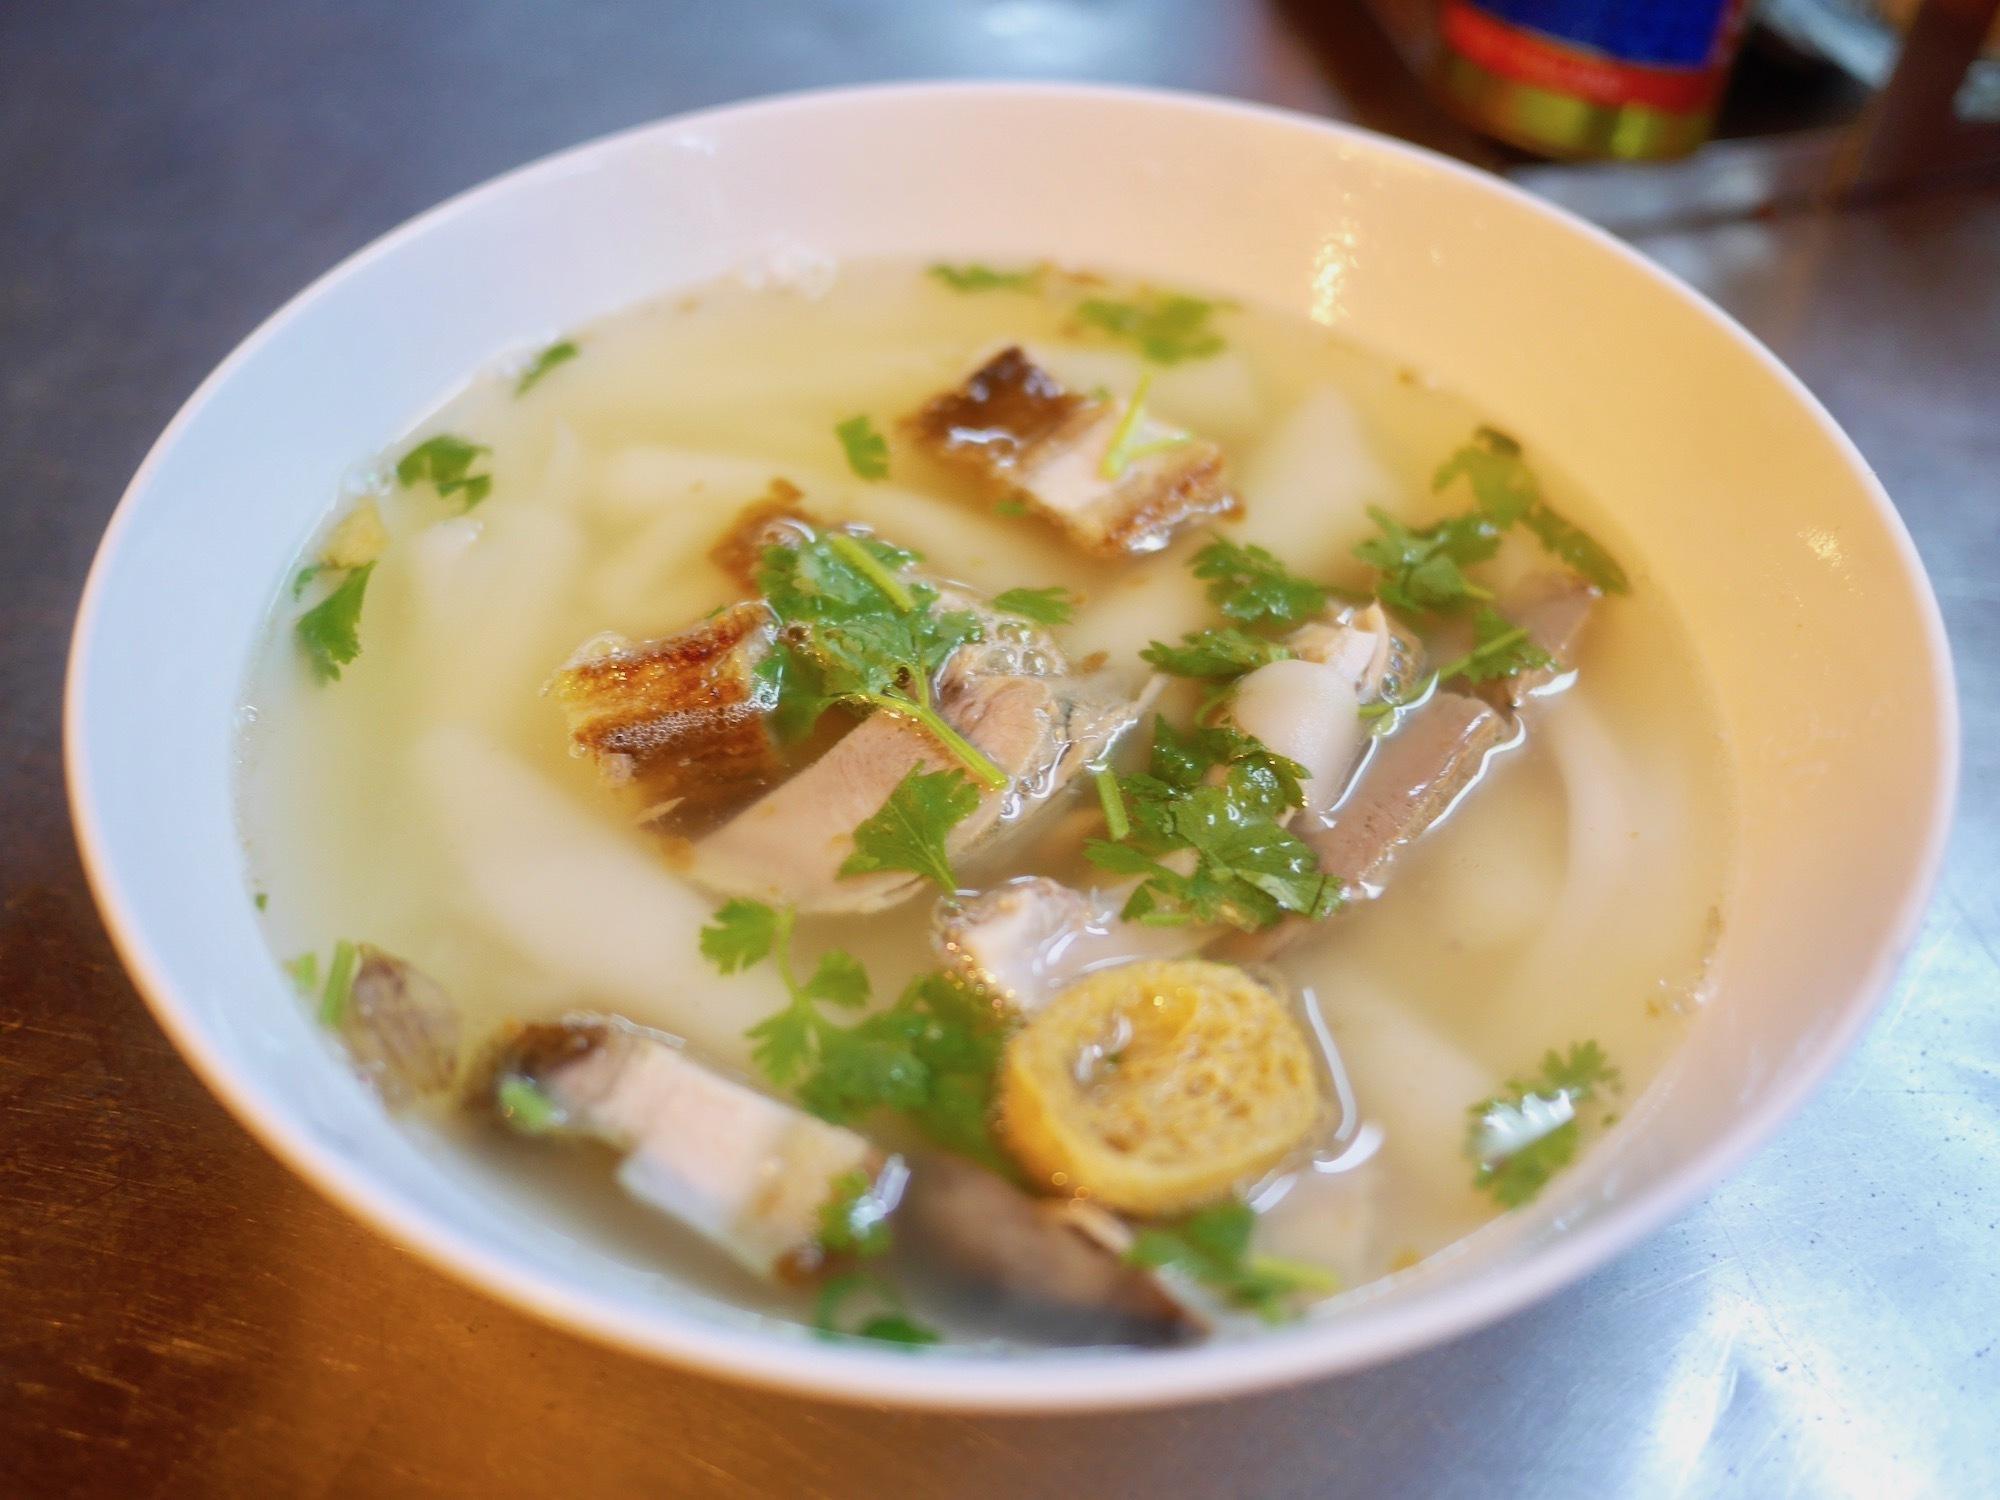 こだわり透明スープが旨爆!豚モツ麺料理『クワイジャップナムサーイ』を食べた